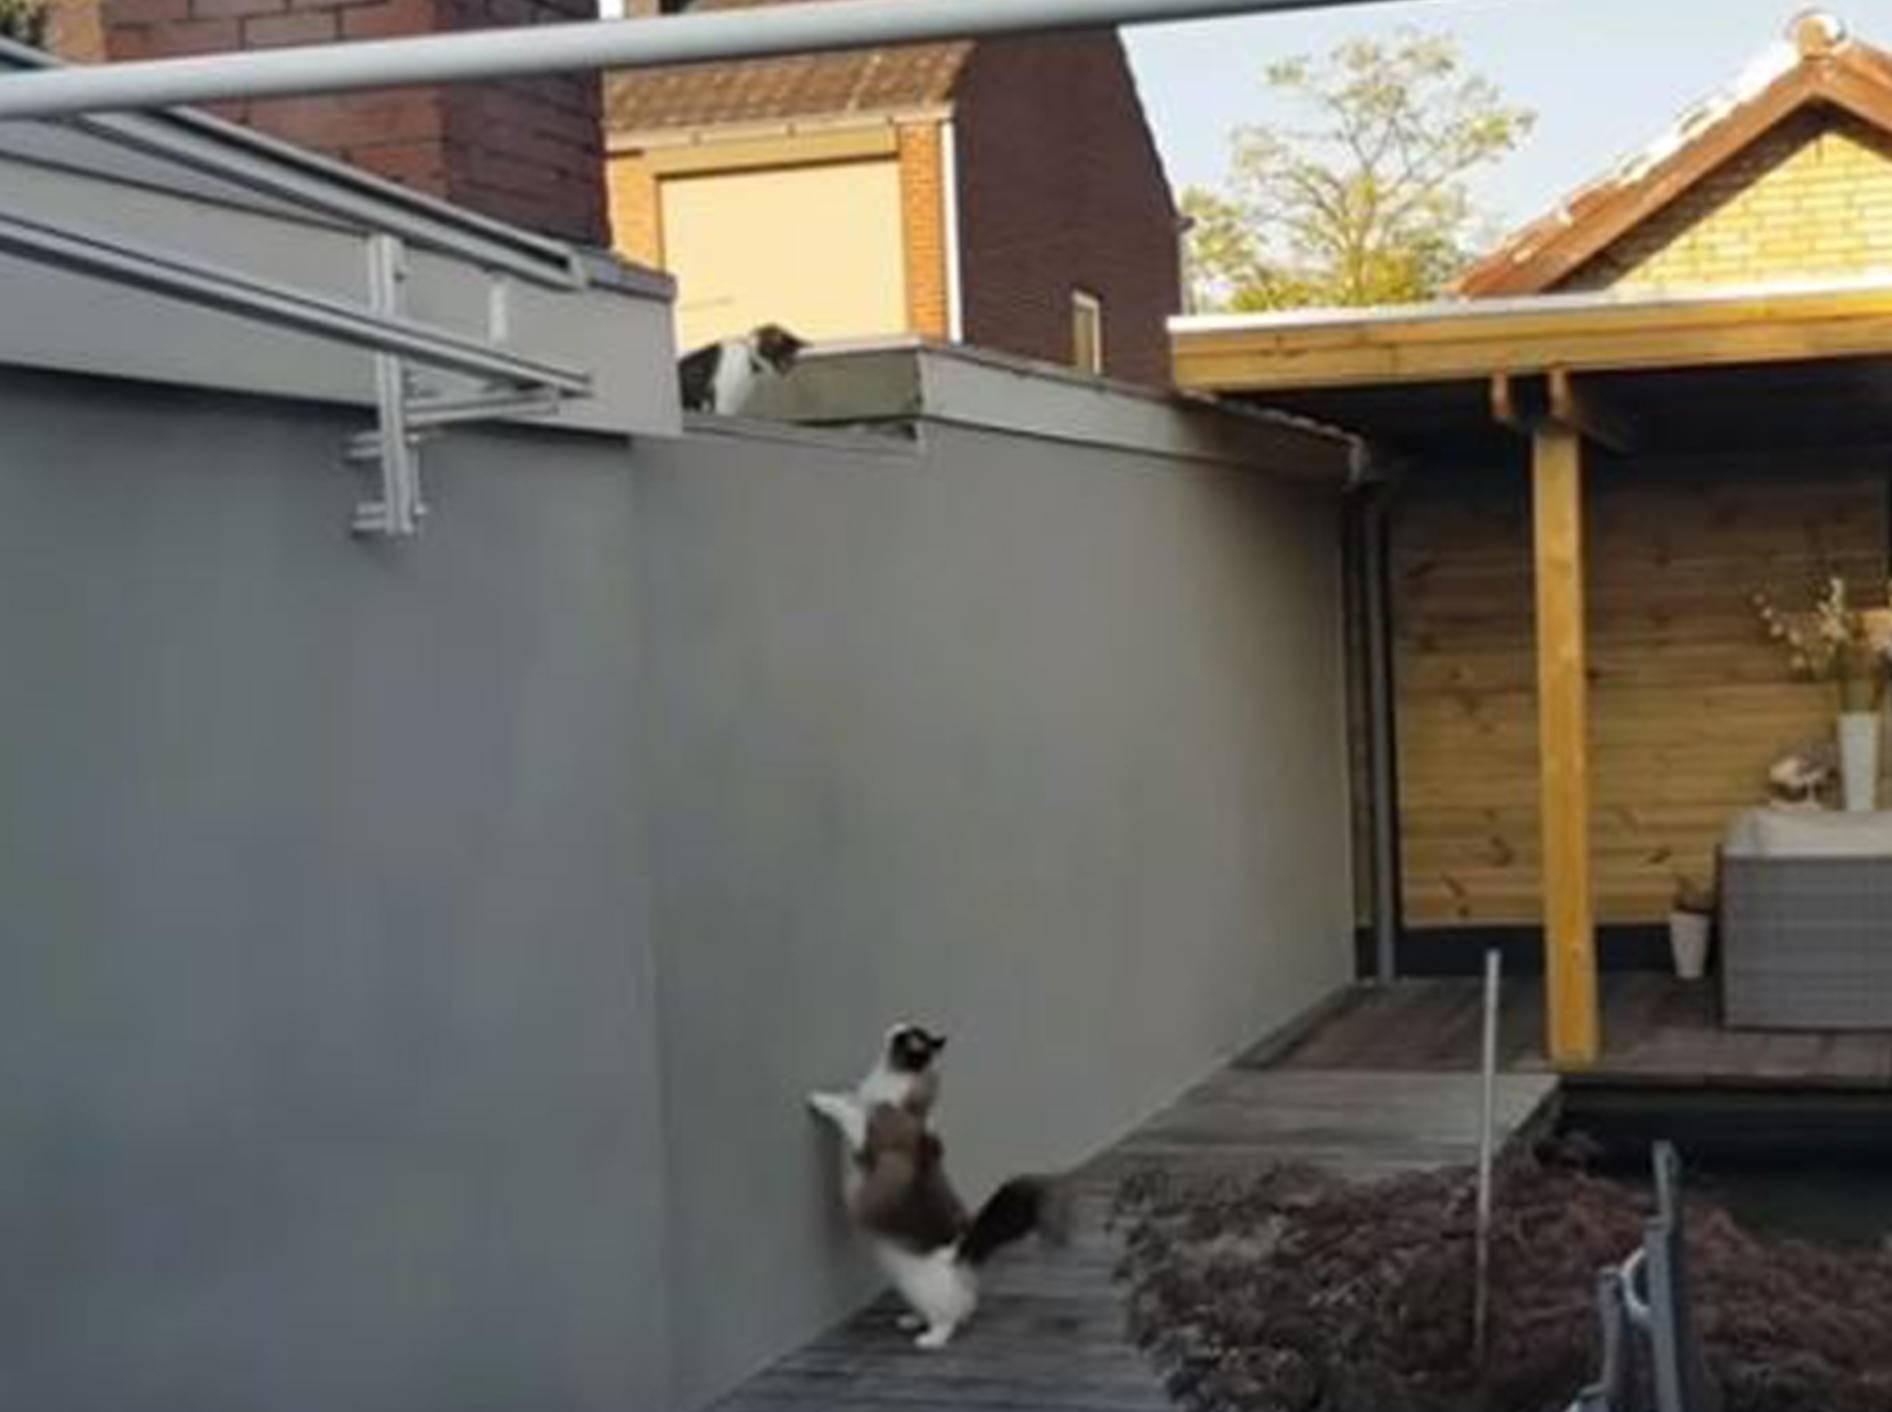 Ragdoll-Kater Timo hat eine Auge auf die Nachbarskatze geworfen - Bild: YouTube / Xiedubbel